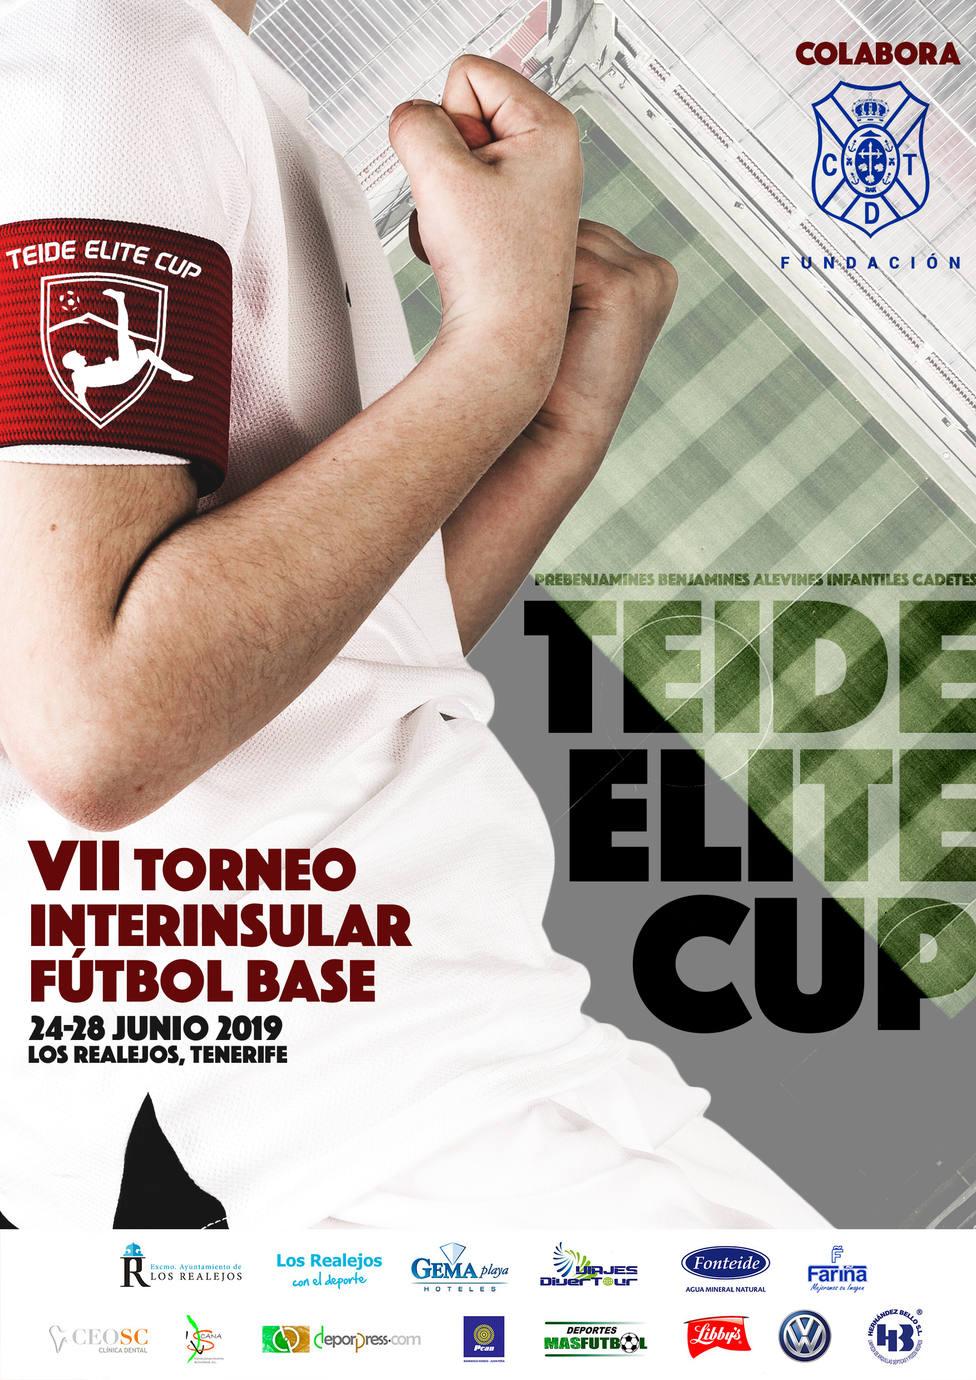 teide elite cup